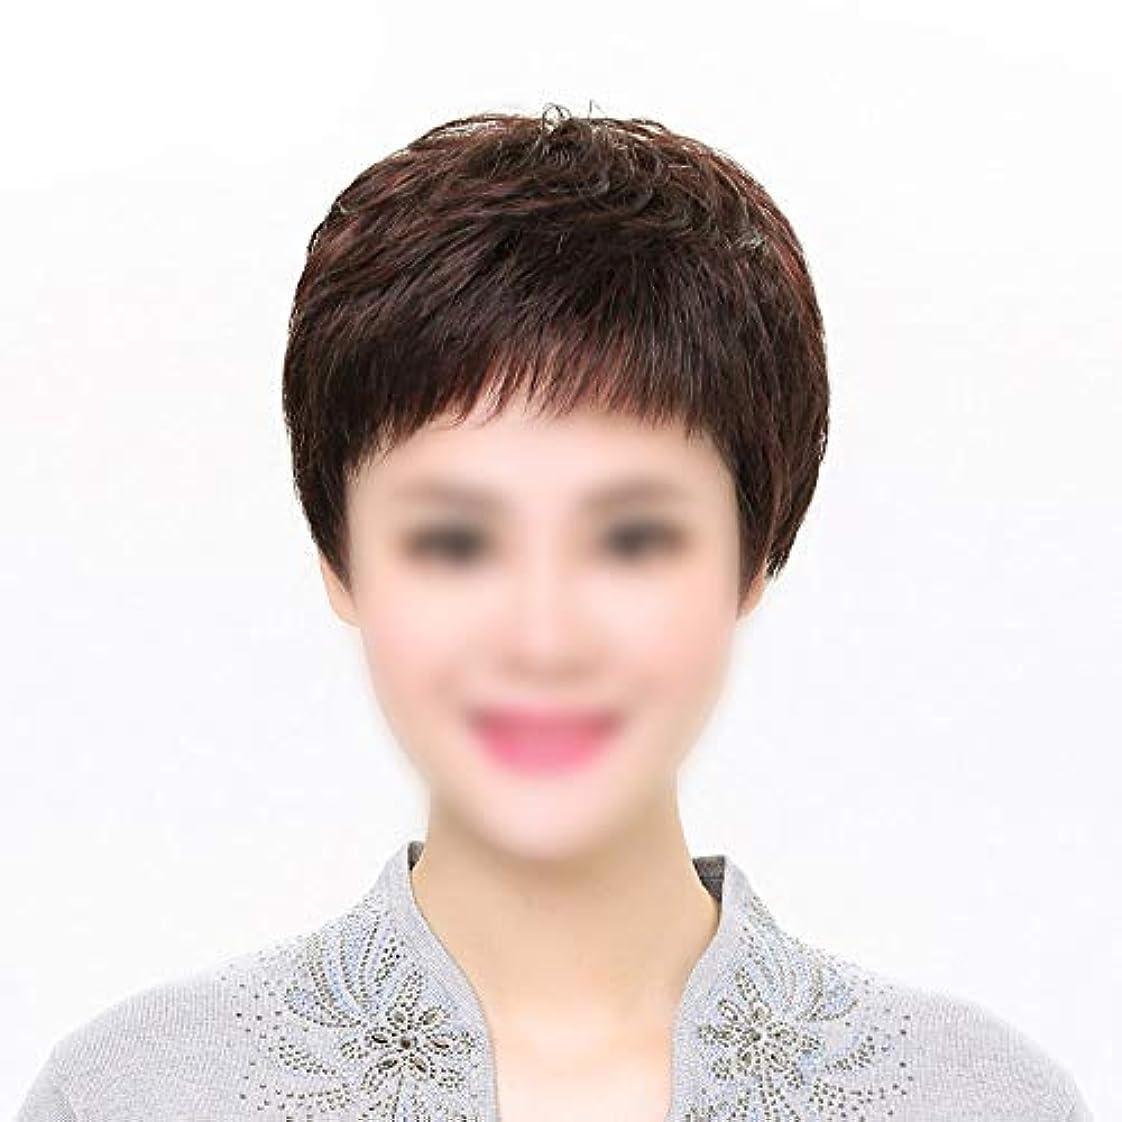 ハリウッドレトルト食堂YOUQIU 女性のかつらのために前髪人毛かつら、100%本物の人間の髪の毛無料パートショートスタイリッシュなウィッグ (色 : 黒, Edition : Mechanism)